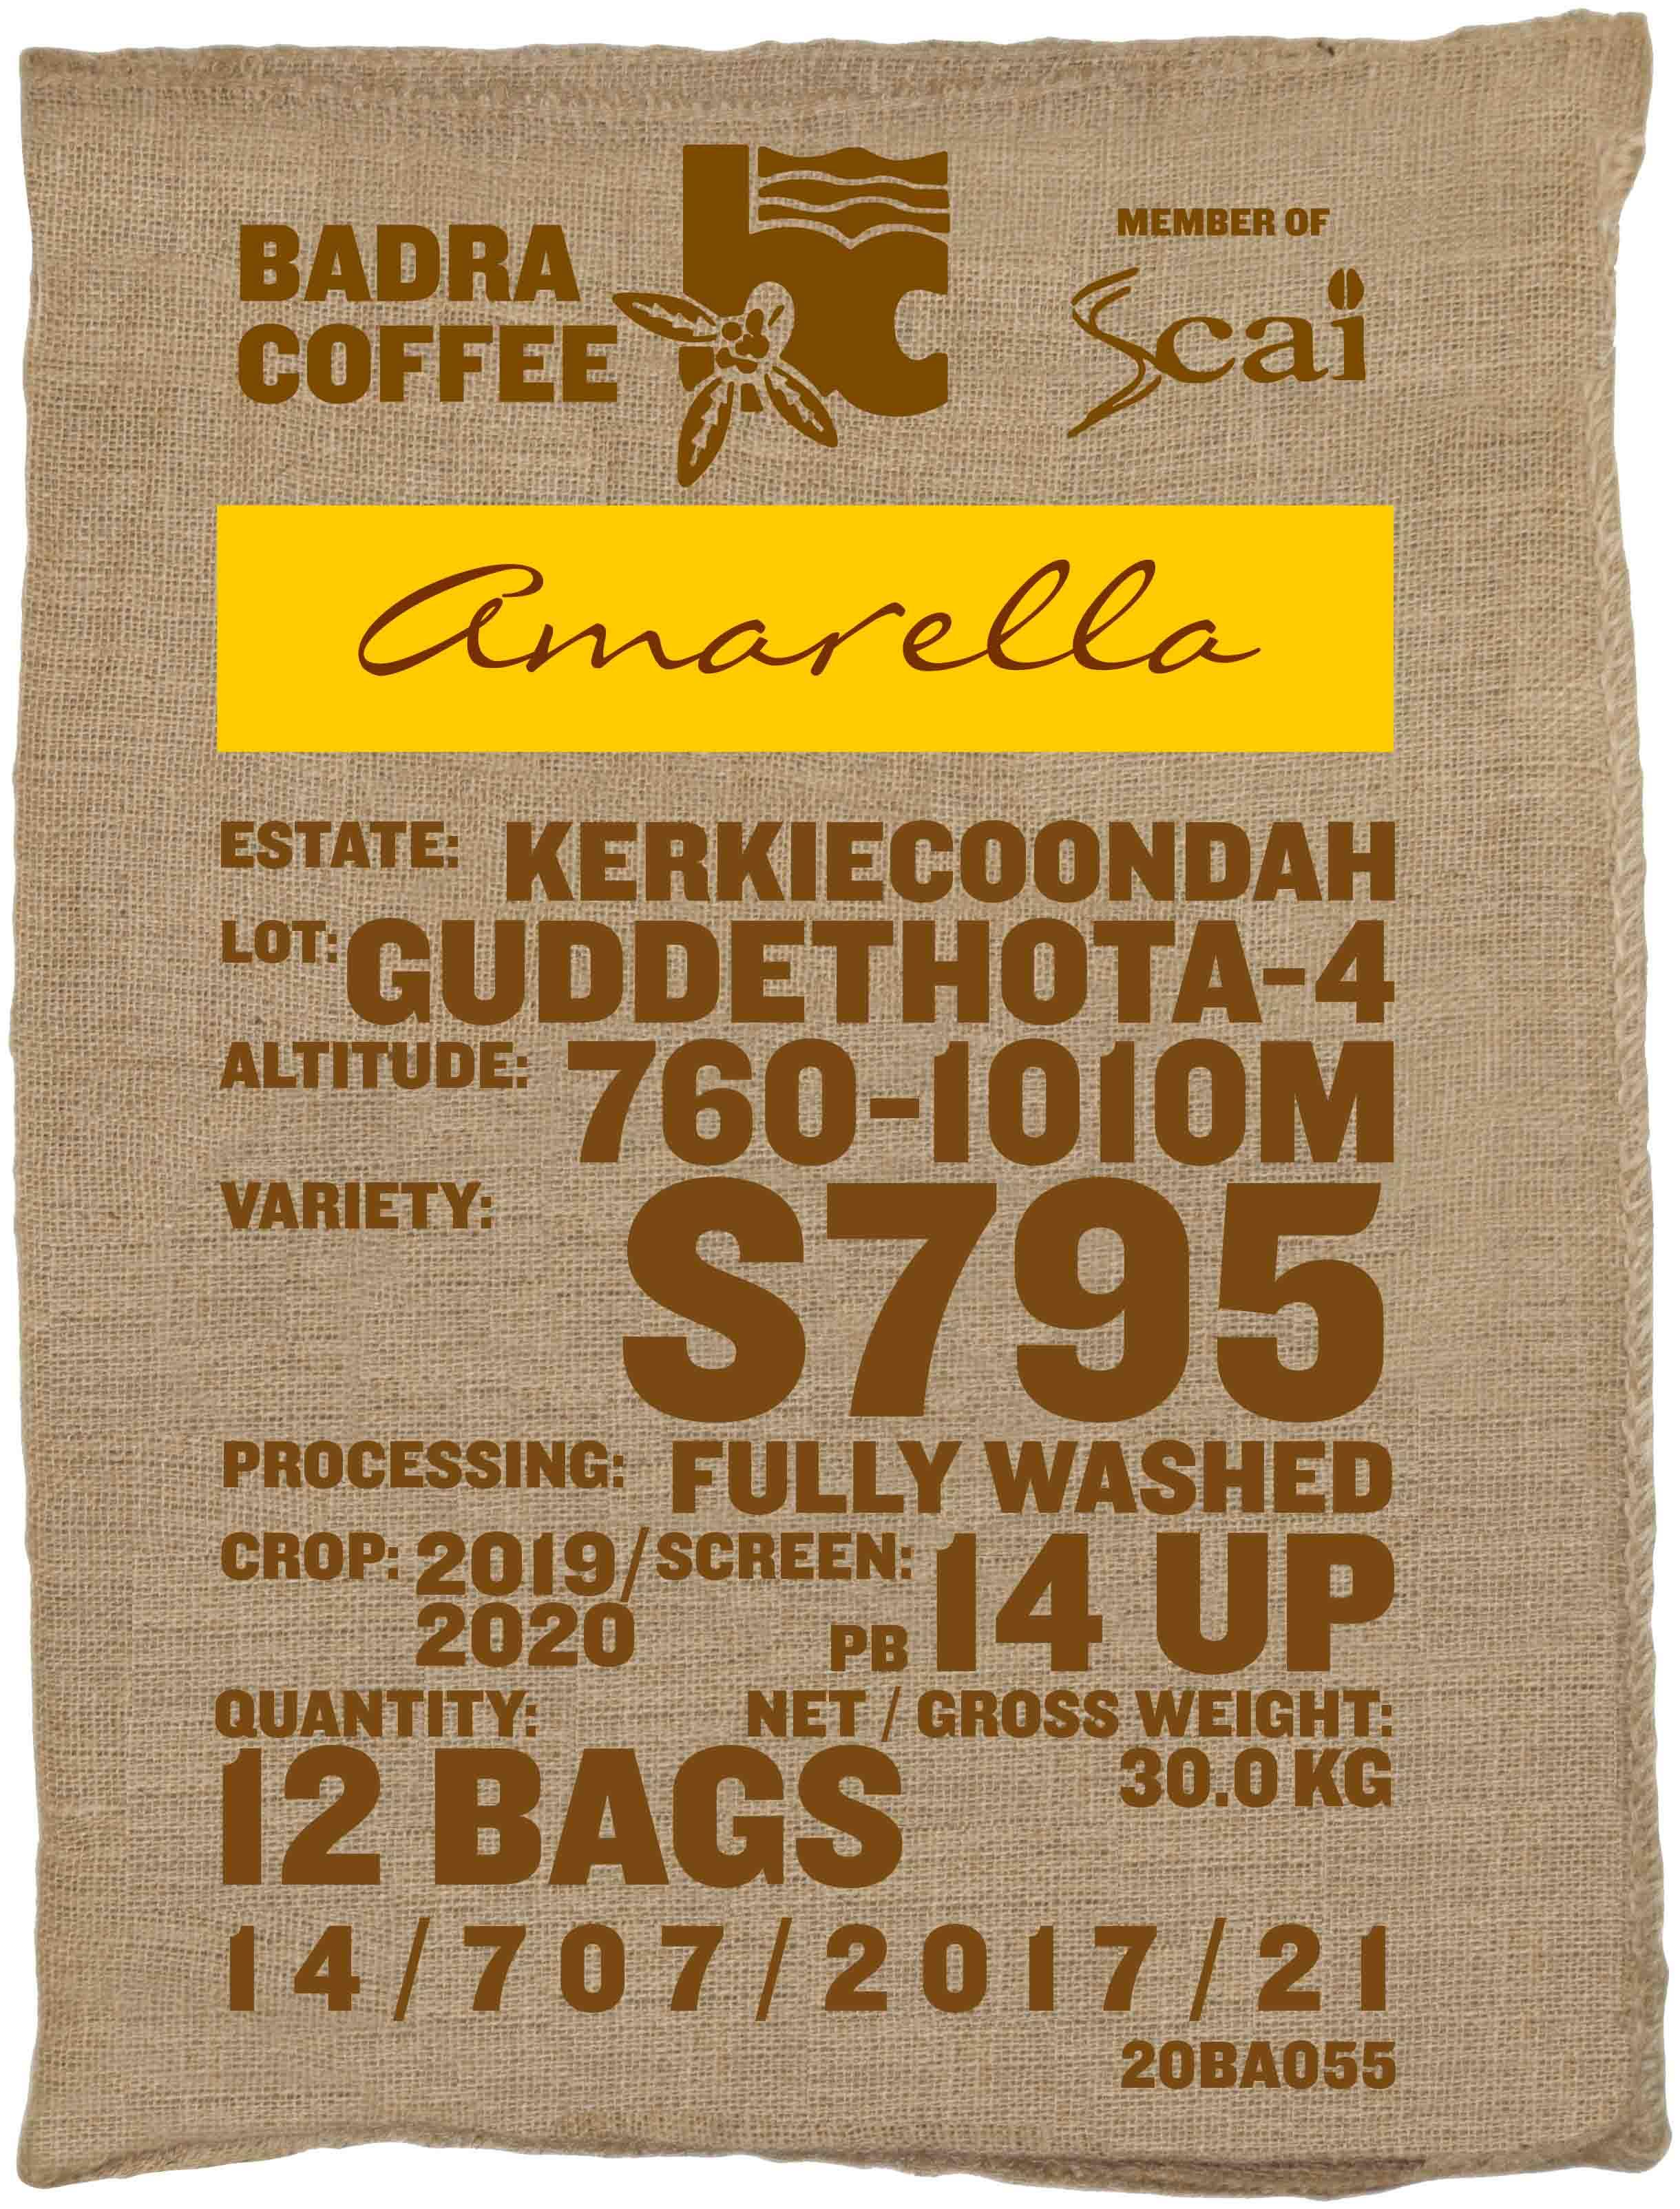 Ein Rohkaffeesack amarella Rohkaffee Varietät S795. Badra Estates Lot Guddethota 4.